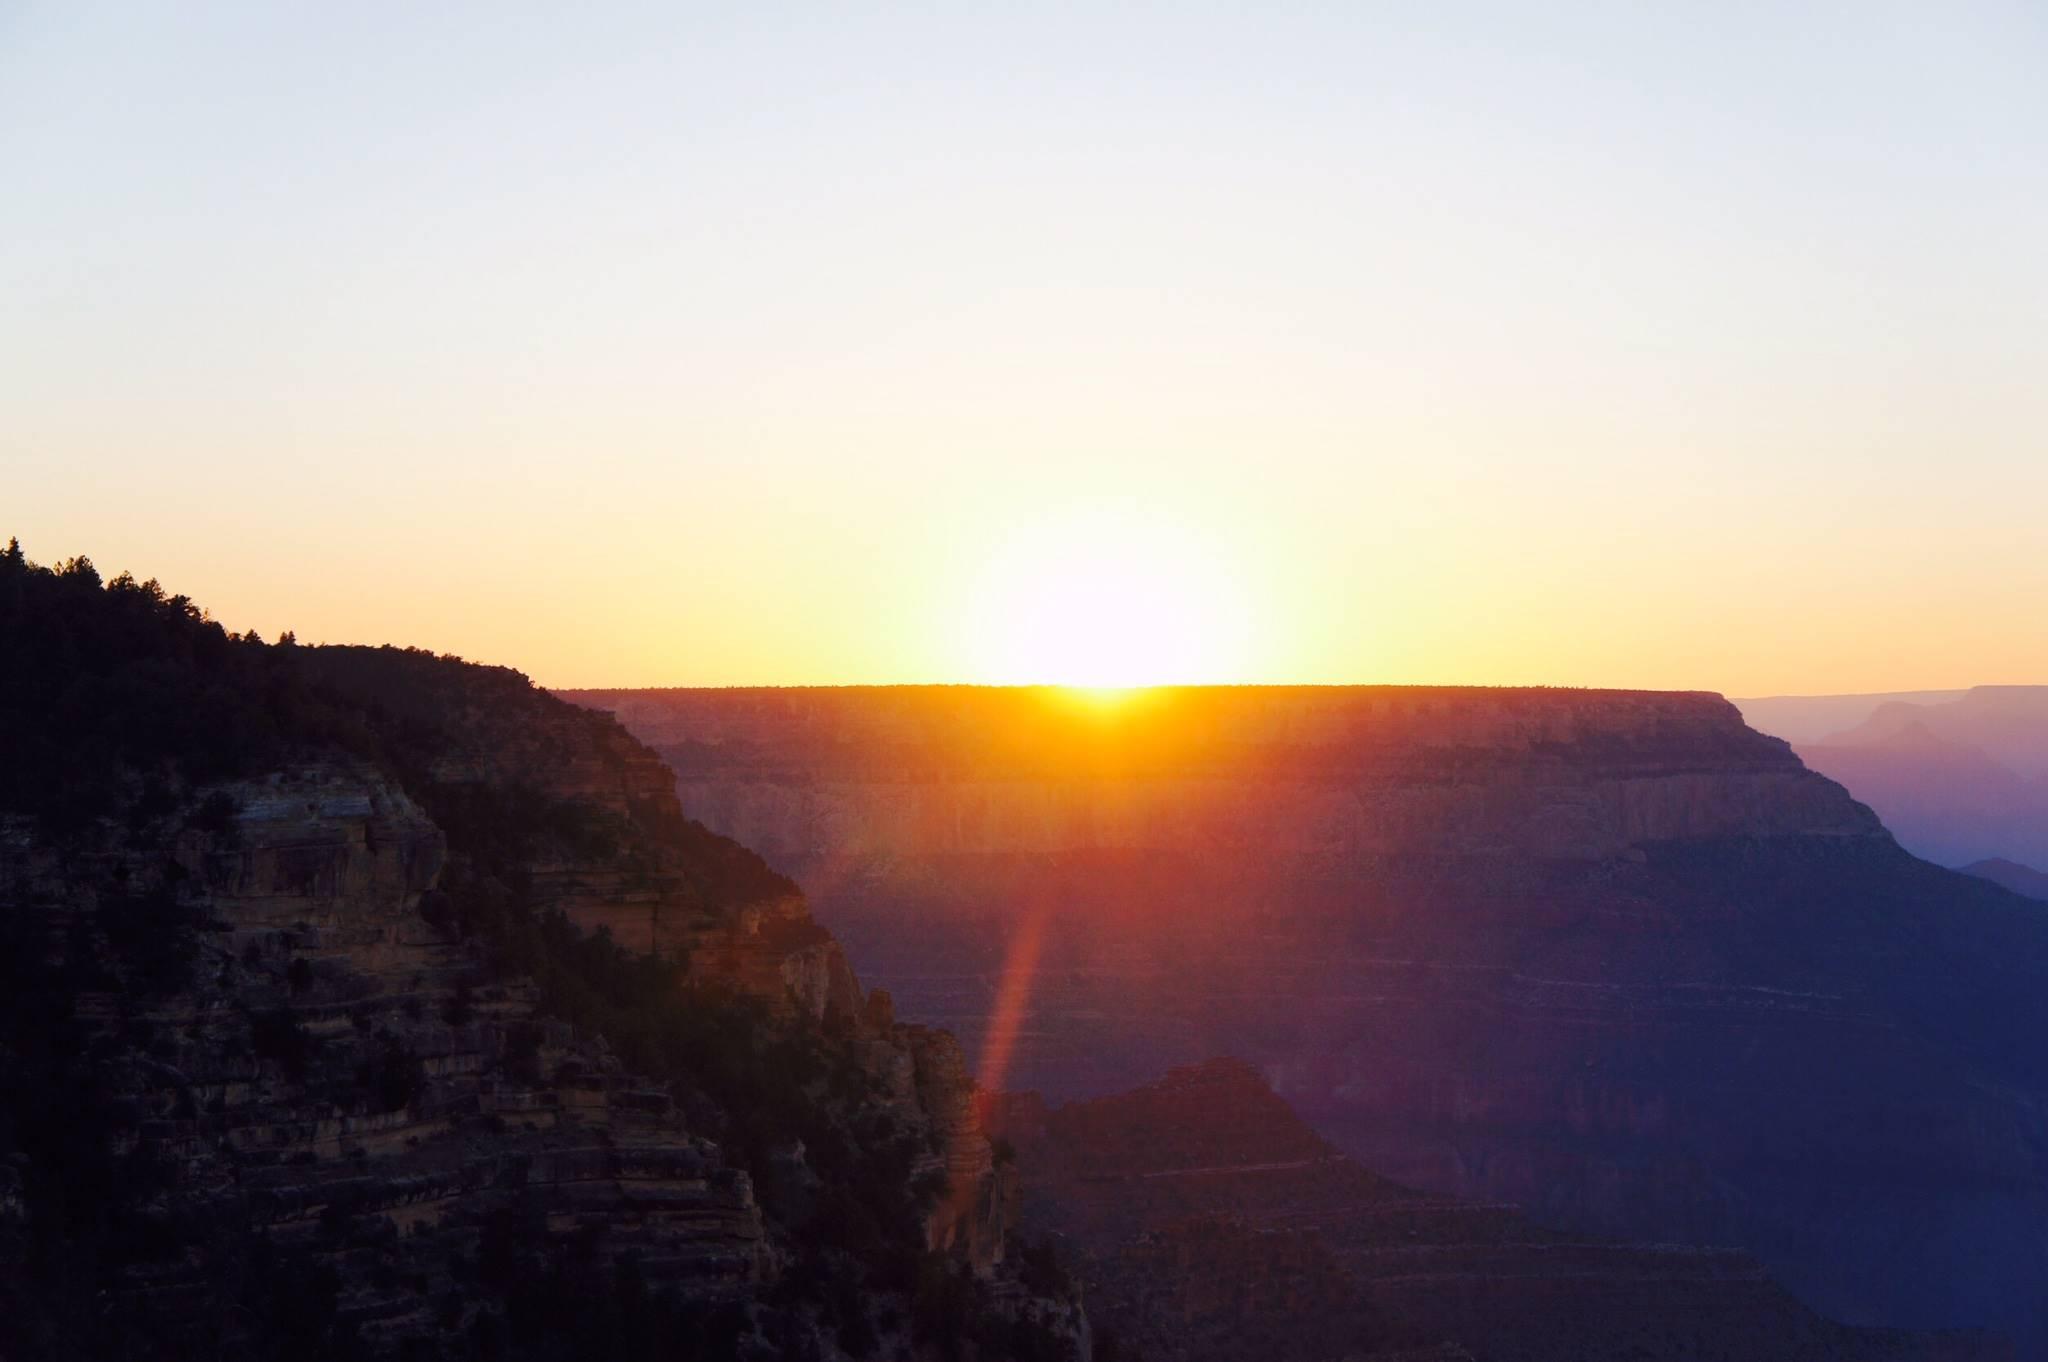 アンテロープキャニオンからの夕日